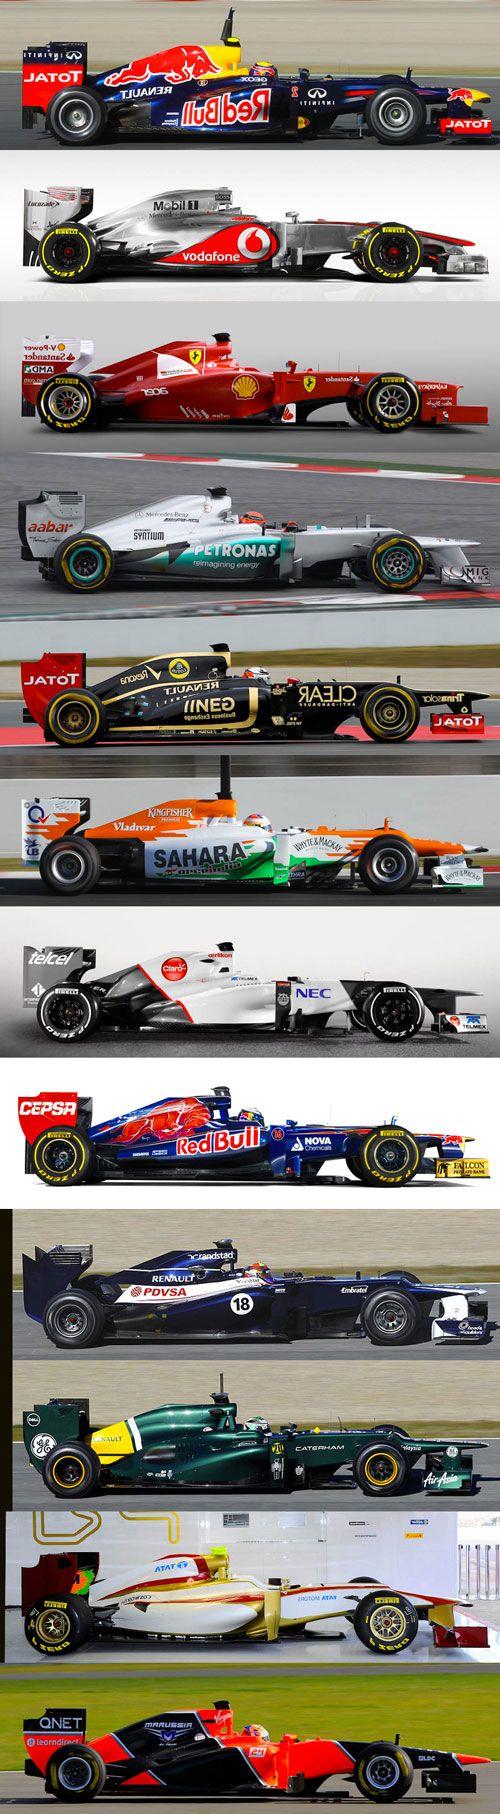 Monoplaza Formula 1 2012 Cars Are Amazing